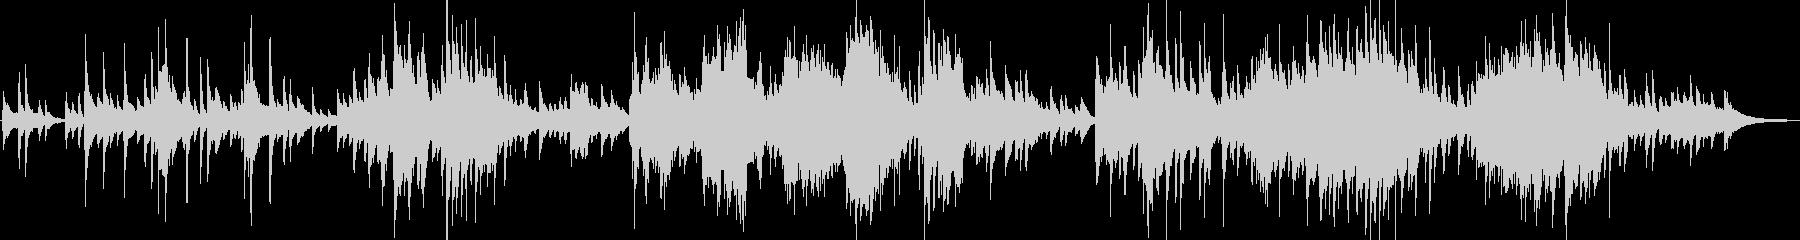 ディズニーの名曲をソロピアノアレンジの未再生の波形